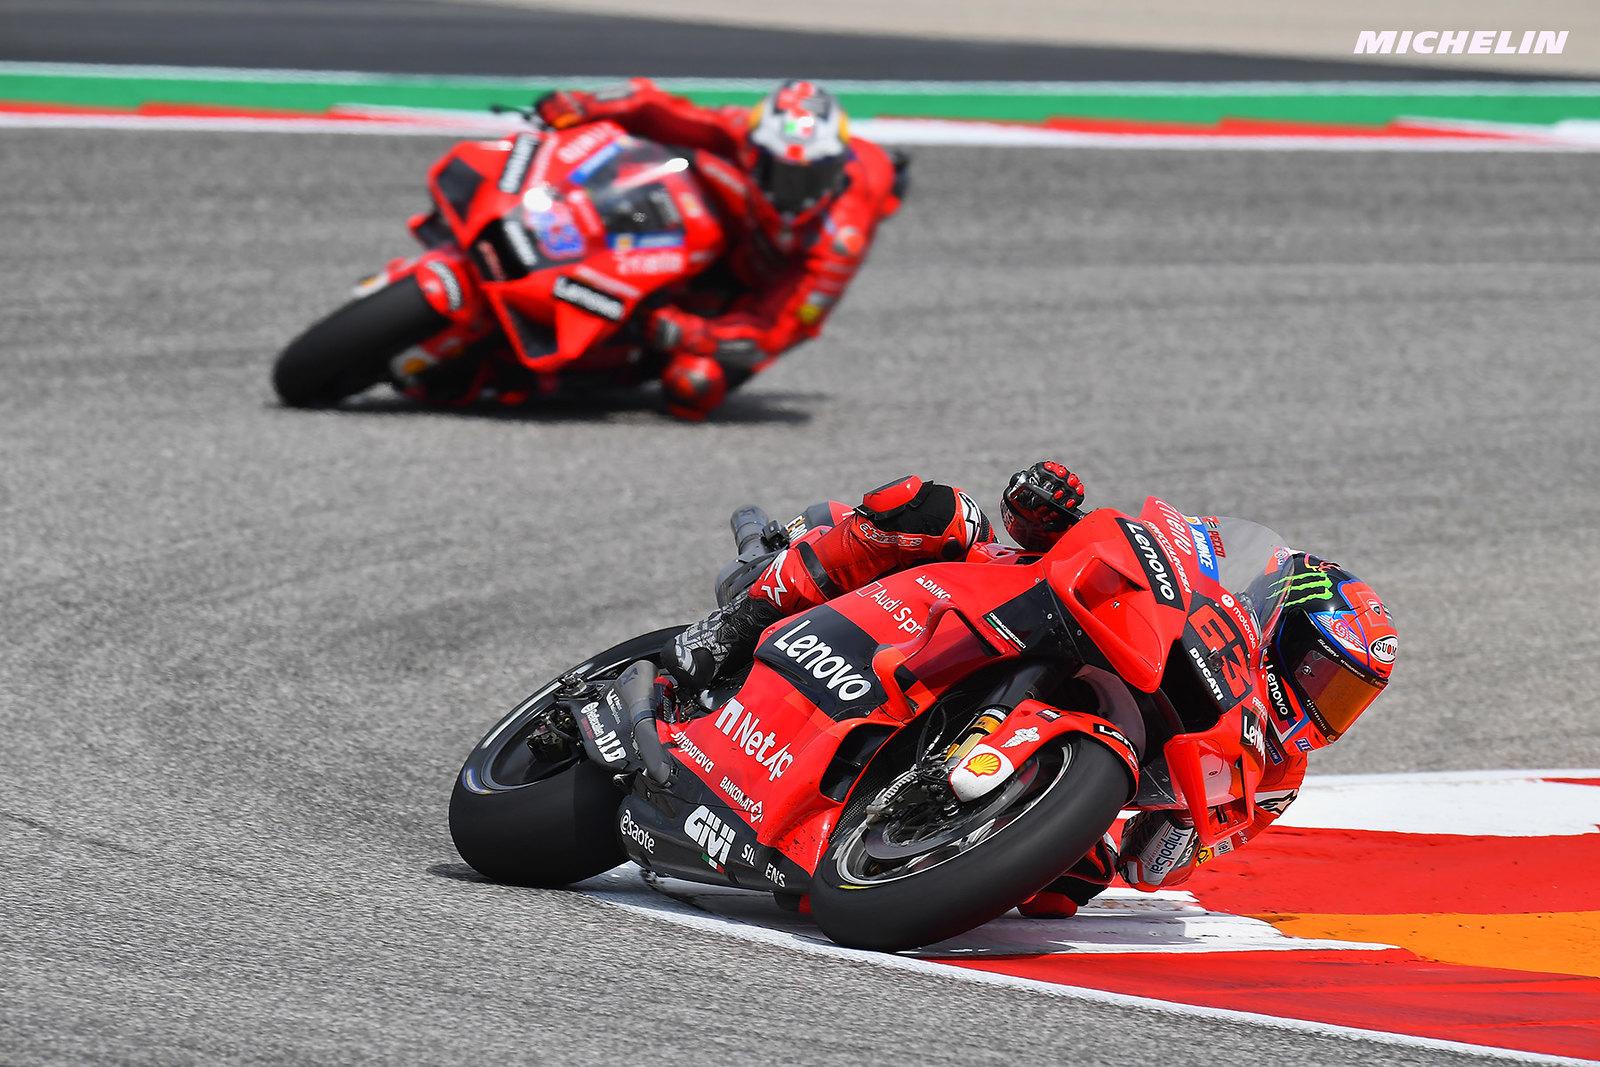 MotoGP2021アメリカズGP 3位フランチェスコ・バニャイア「出来る限り最大の走りだった」